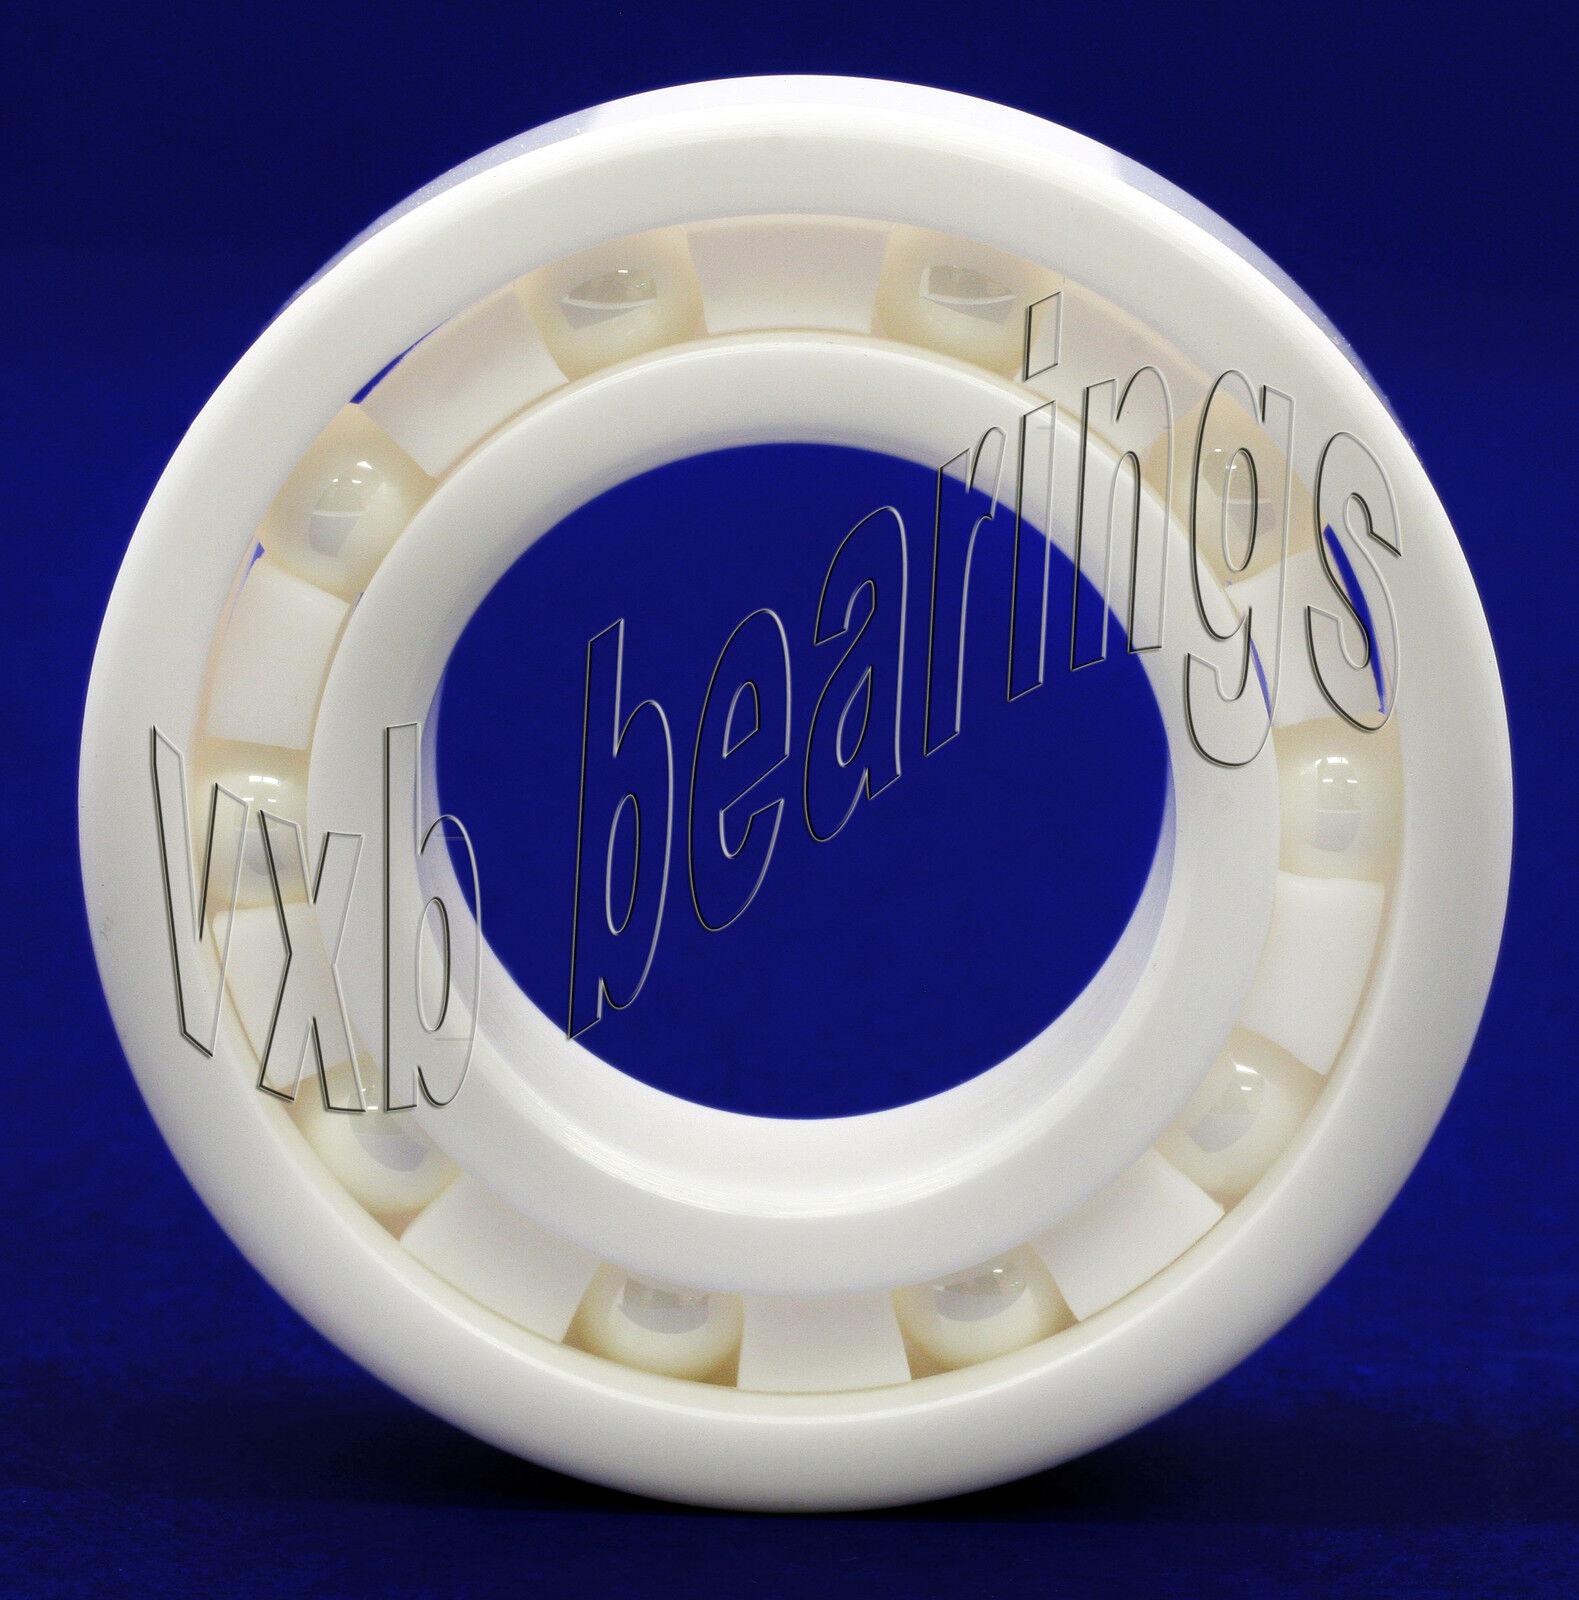 Full Ceramic 6902 Bearings Zipp 202 Rear Hub  Bearing  authentic quality